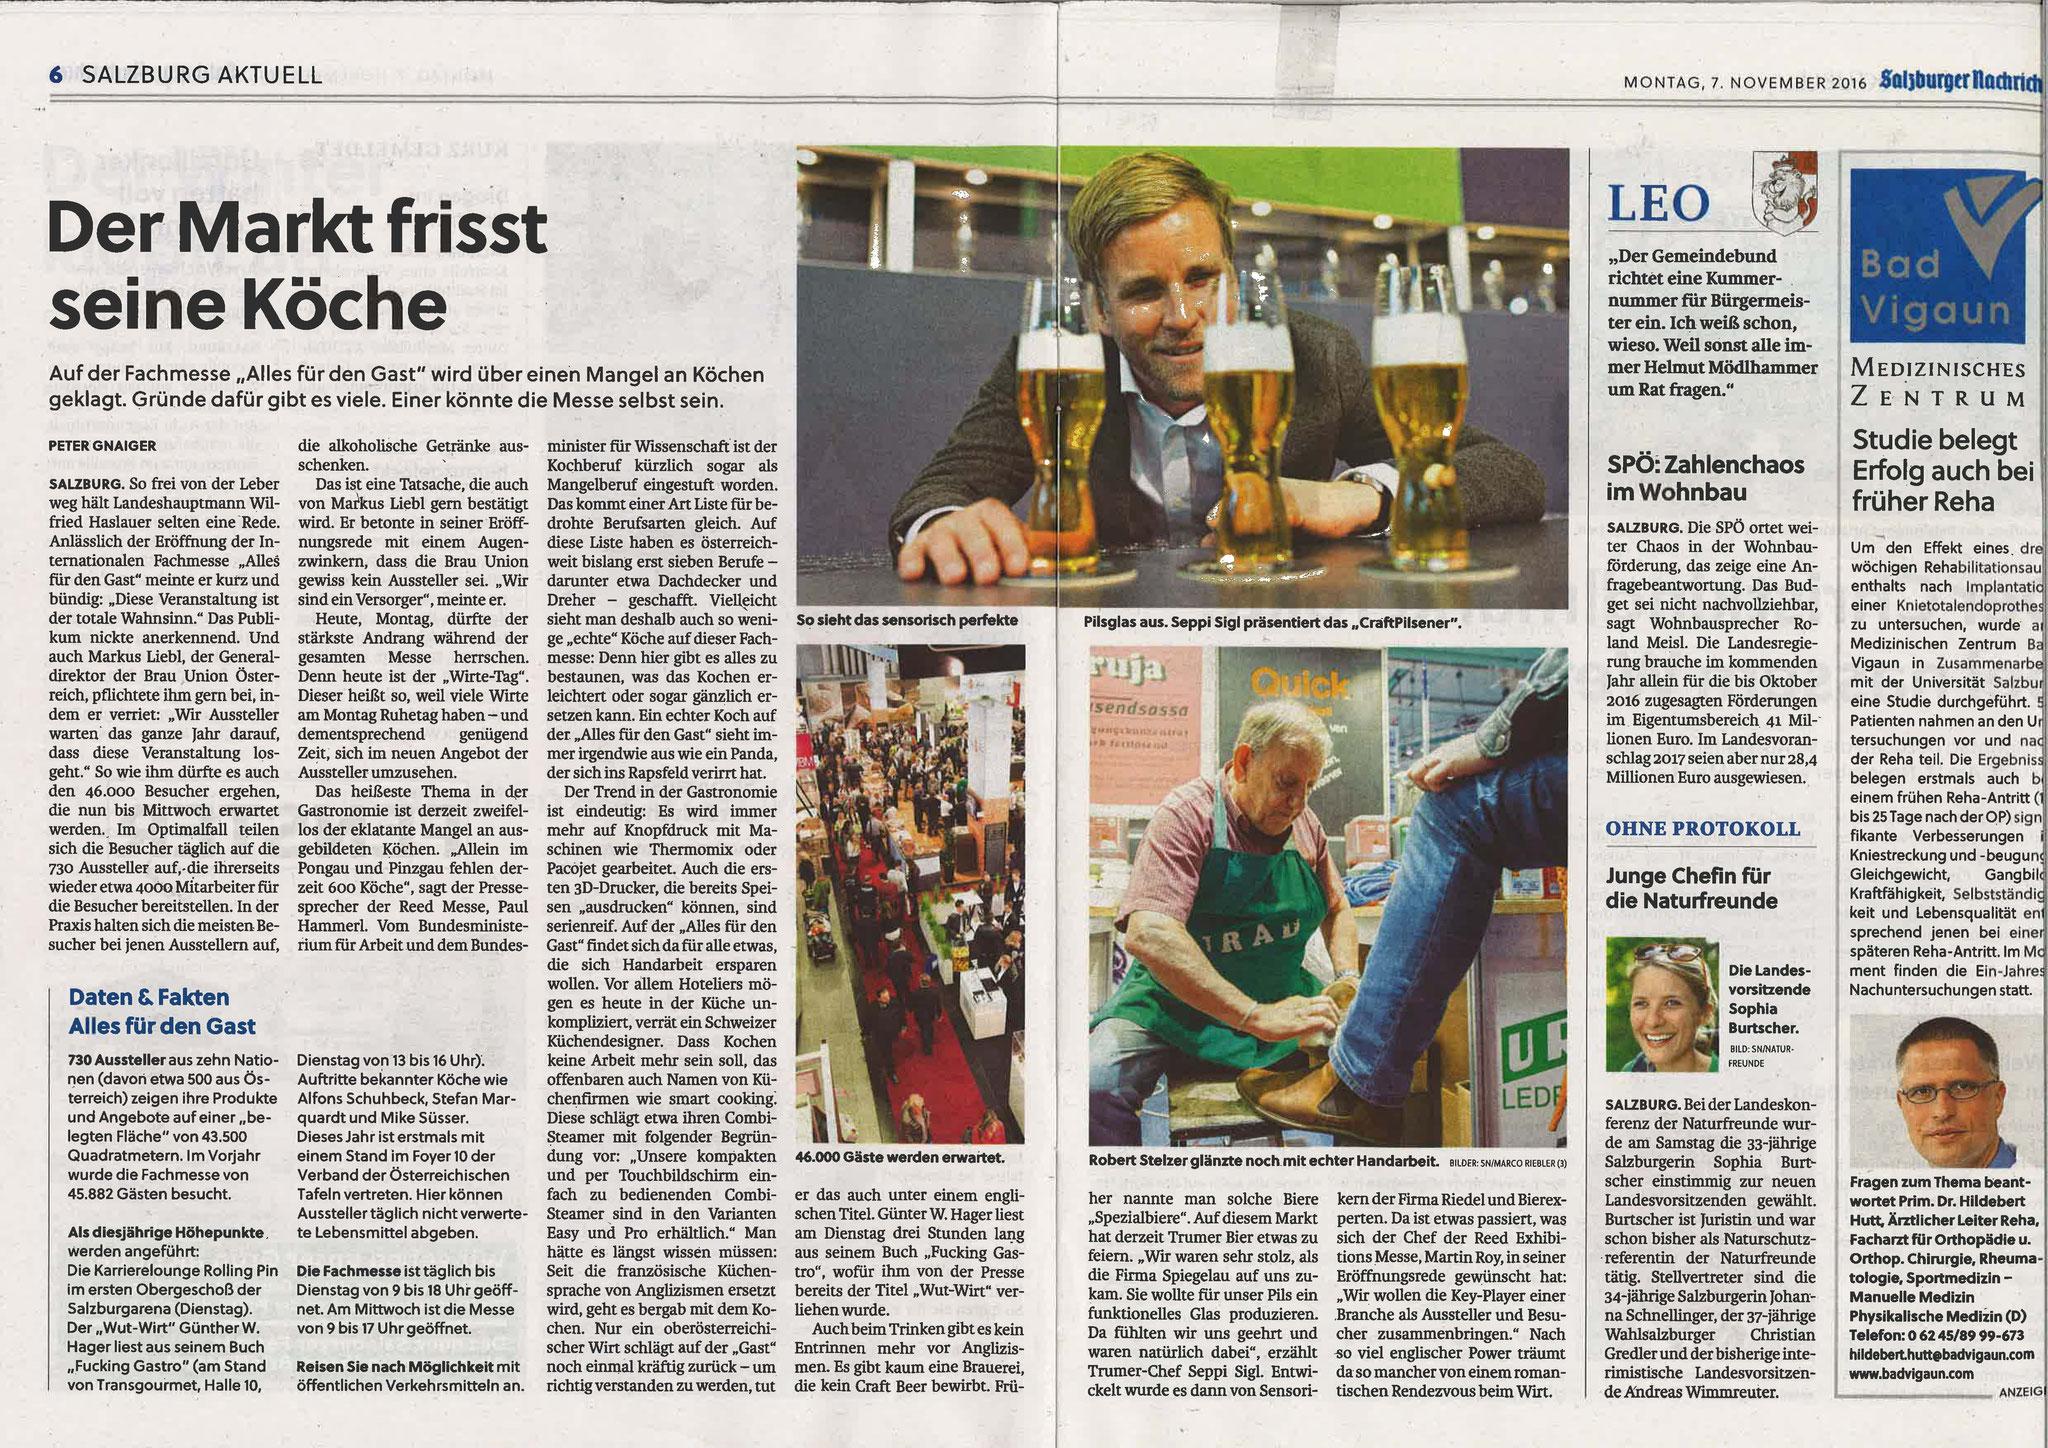 Salzburger Nachrichten, 7. November 2016